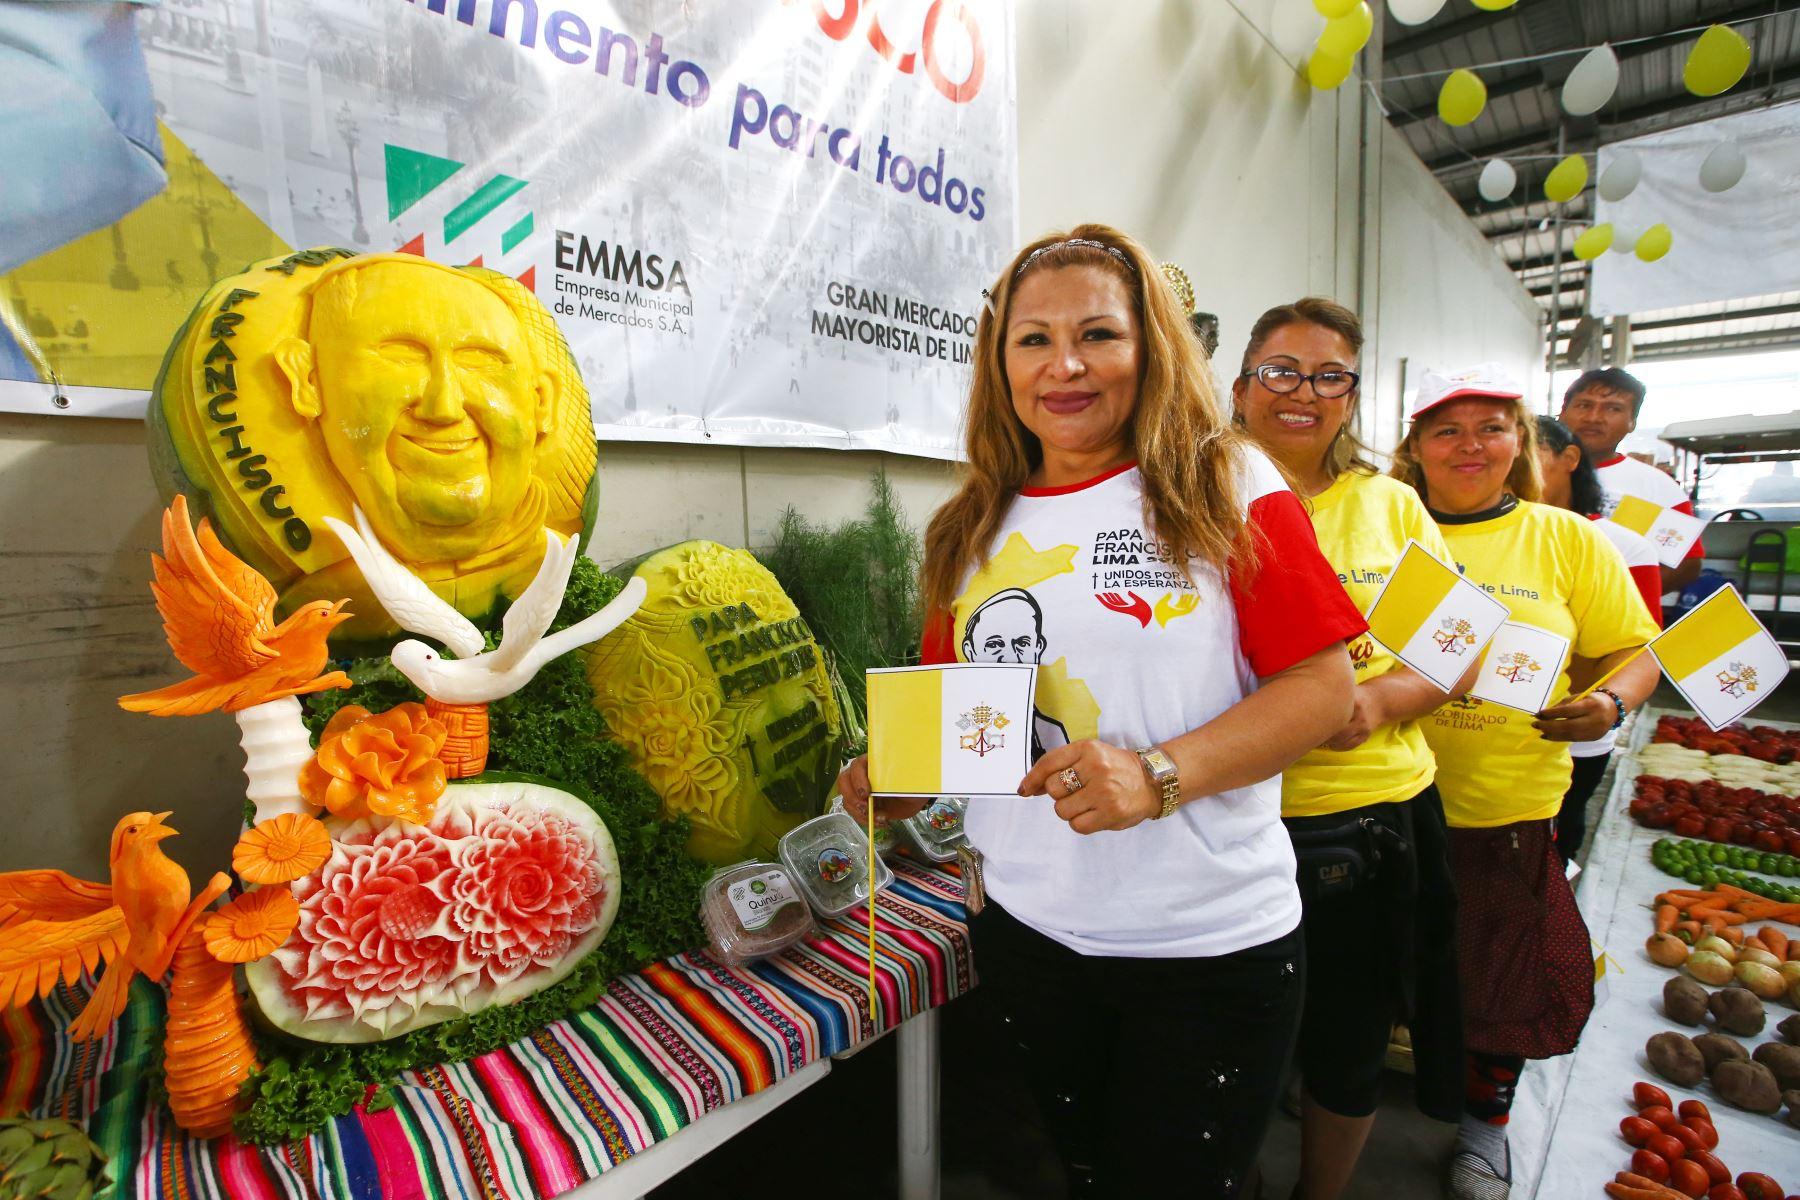 LIMA PERÚ - ENERO 12. Comerciantes del Mercado Mayorista realizan  tallado de vegetales con el rostro del Papa Francisco y mensaje de bienvenida hecho de verduras y así se suman a las celebraciones por la llegada del Sumo Pontífice a nuestro país, . Foto: ANDINA/Melina Mejía